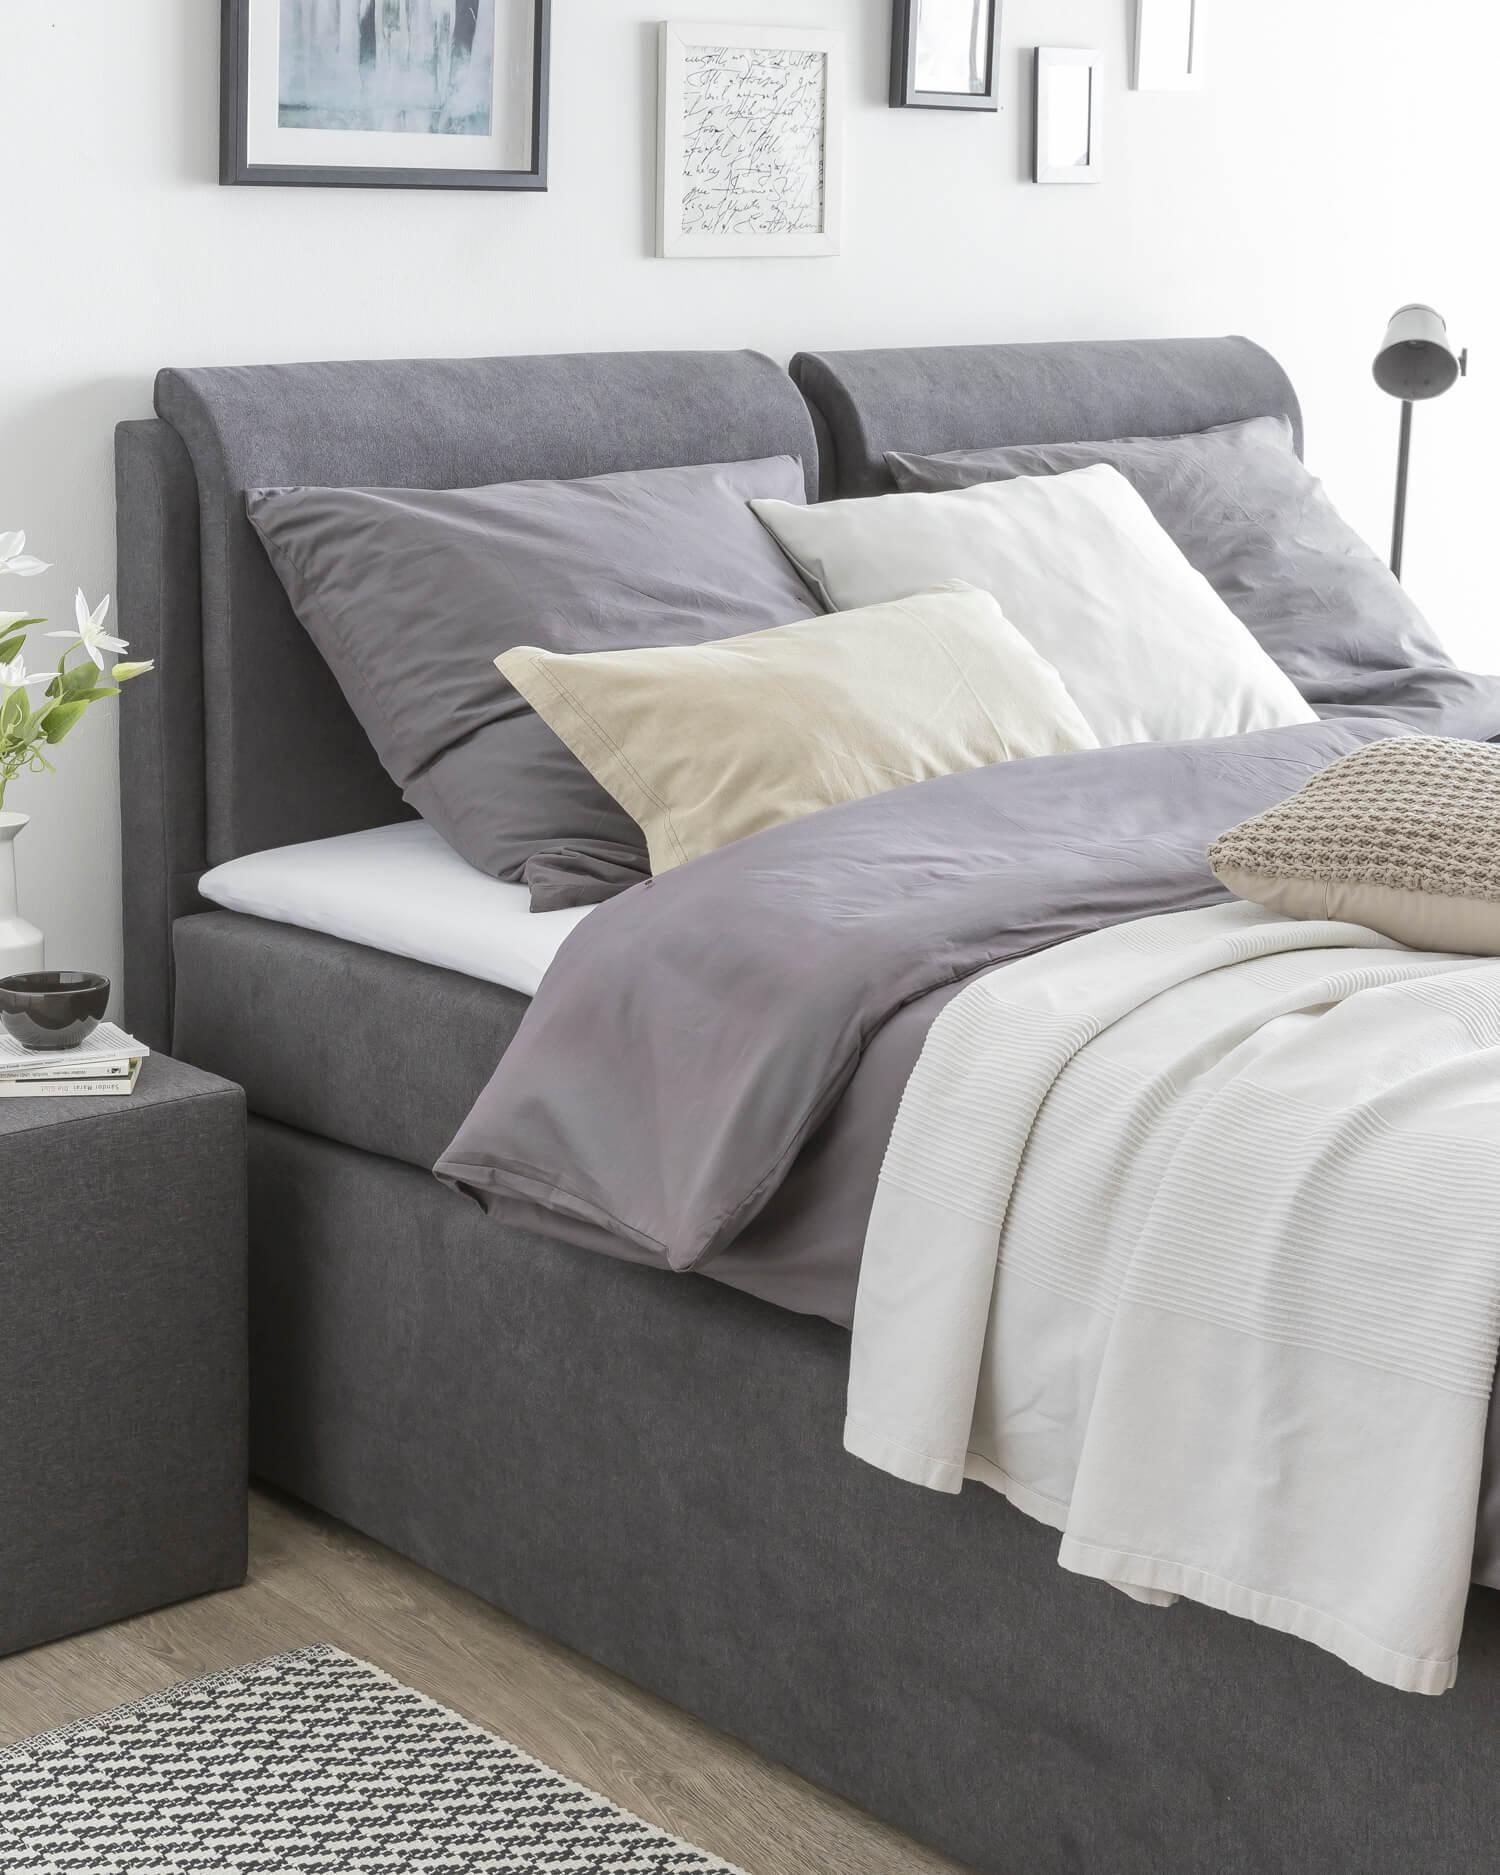 boxspringbett vs wasserbett zwei schlafsysteme im vergleich. Black Bedroom Furniture Sets. Home Design Ideas